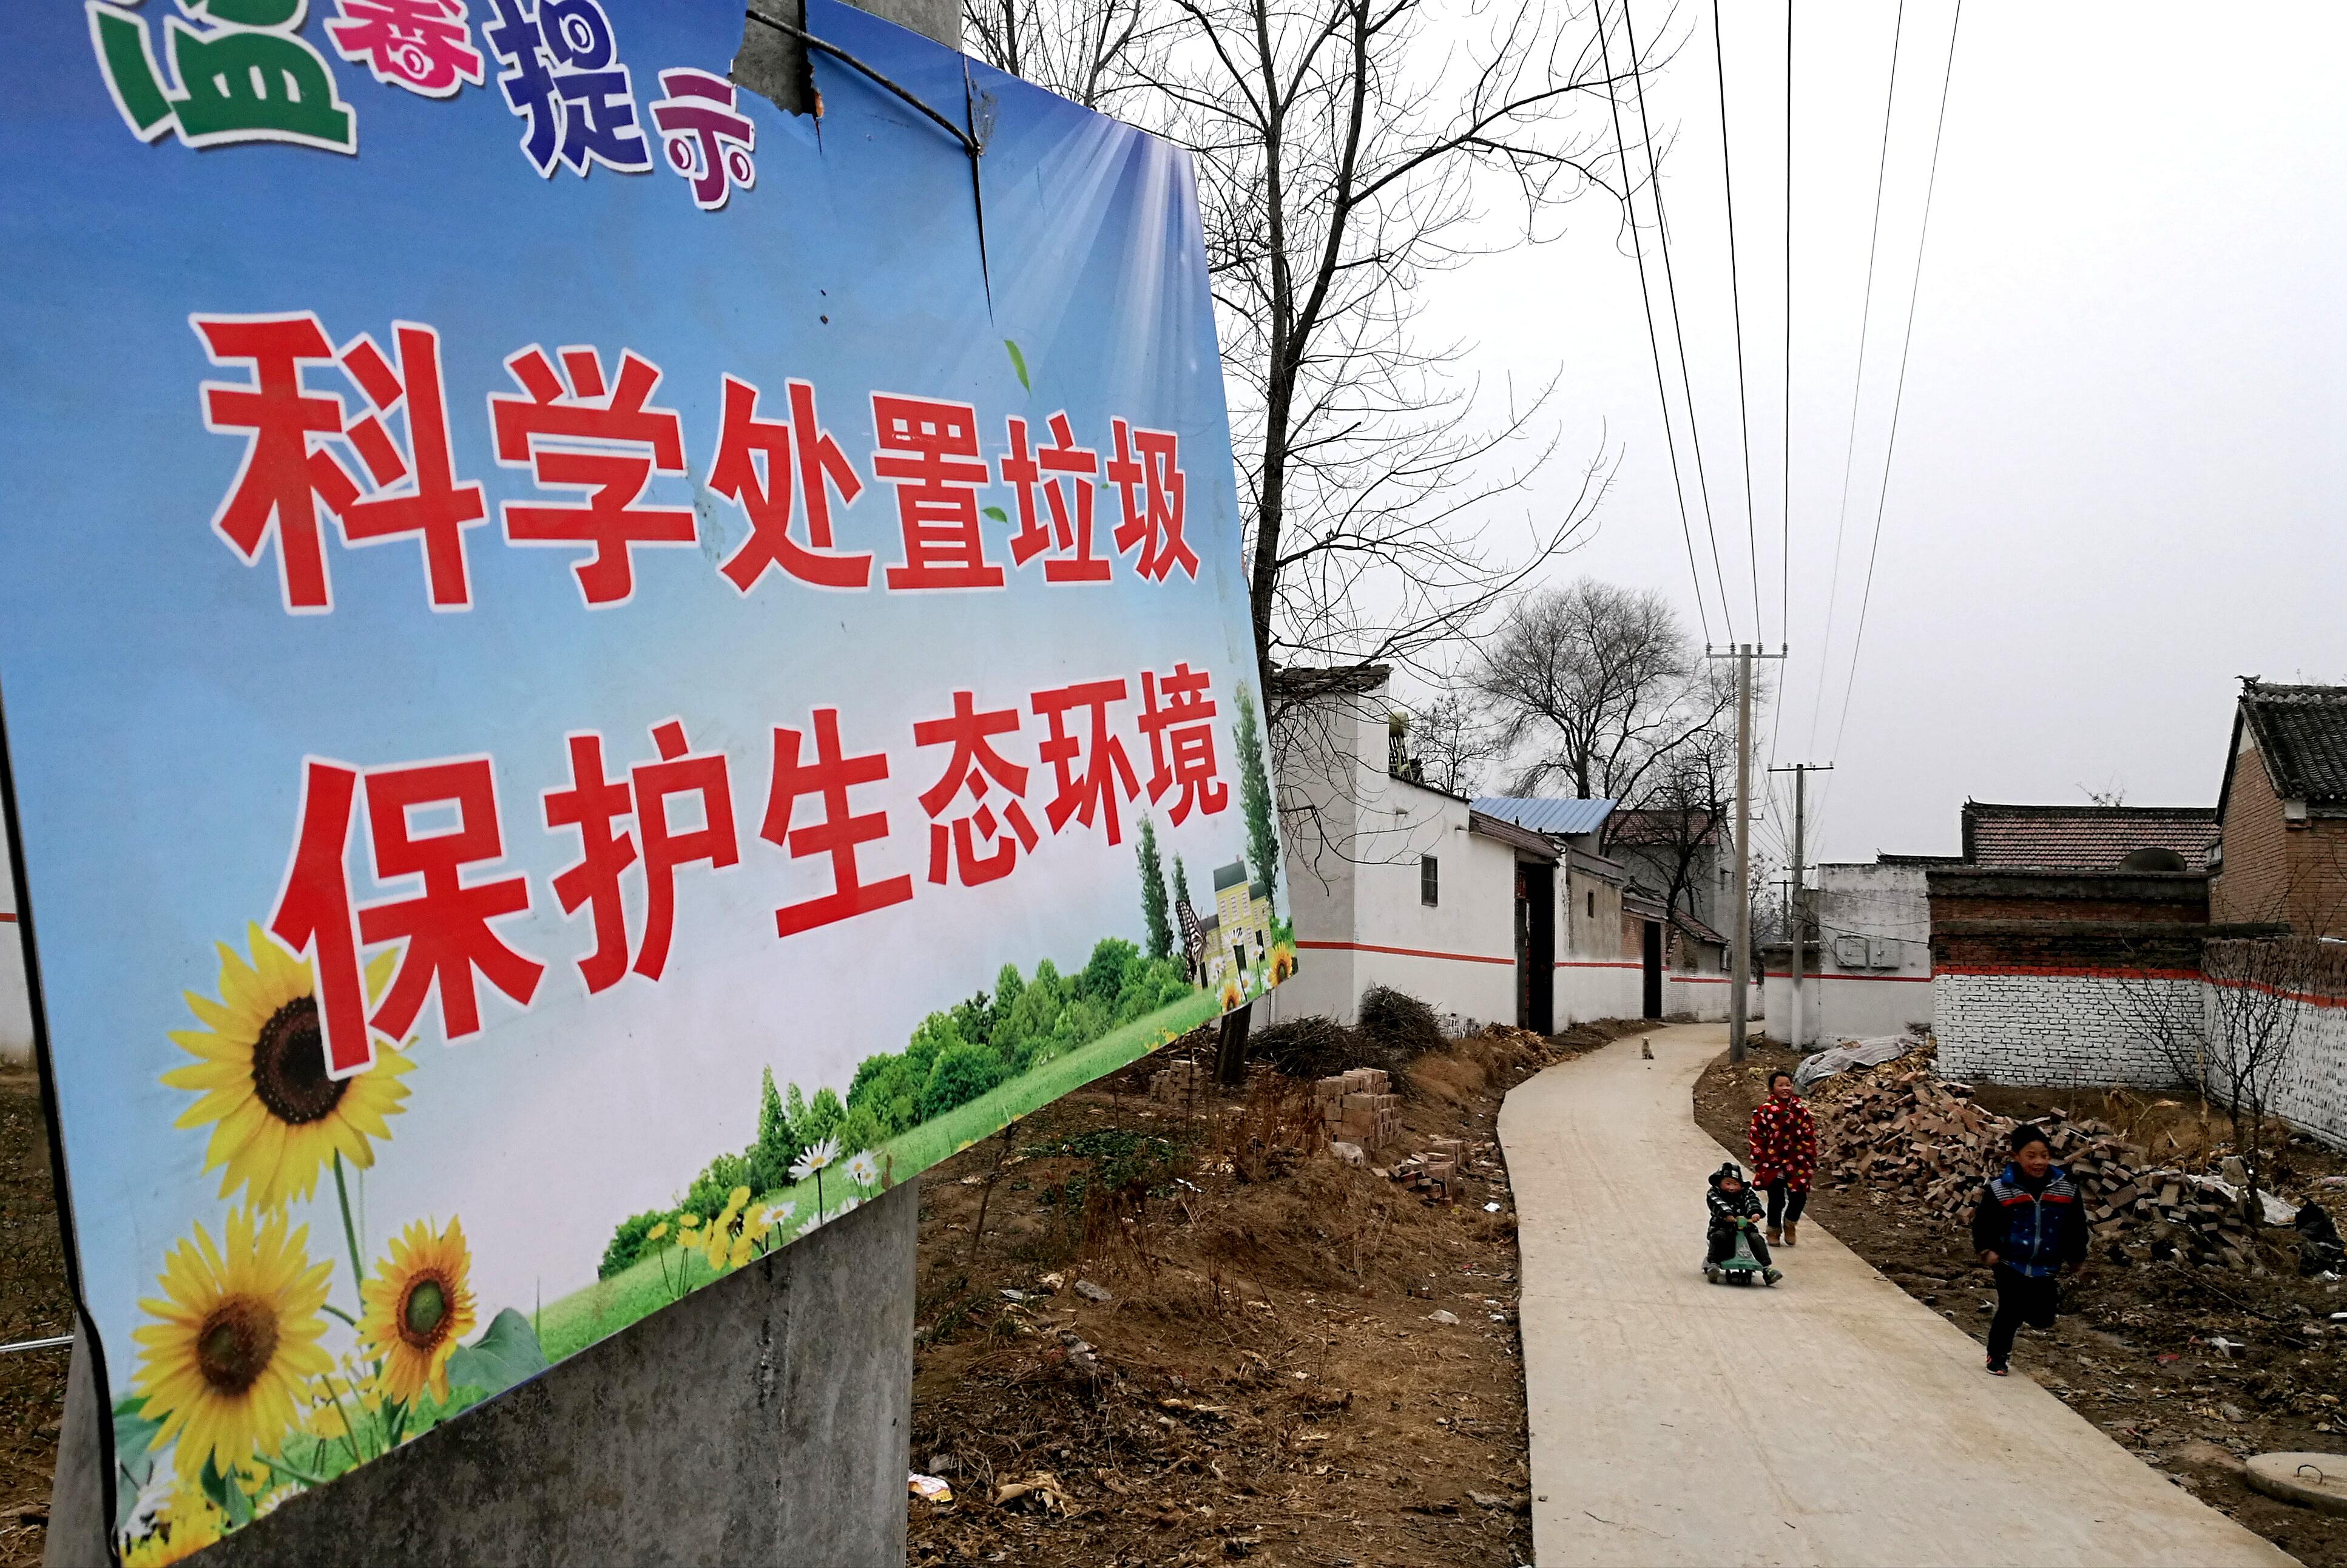 齐老乡葛集行政村是淮阳县委宣传部扶贫点,在驻村工作队帮扶下,人居环境明显改善。   杜欣   摄